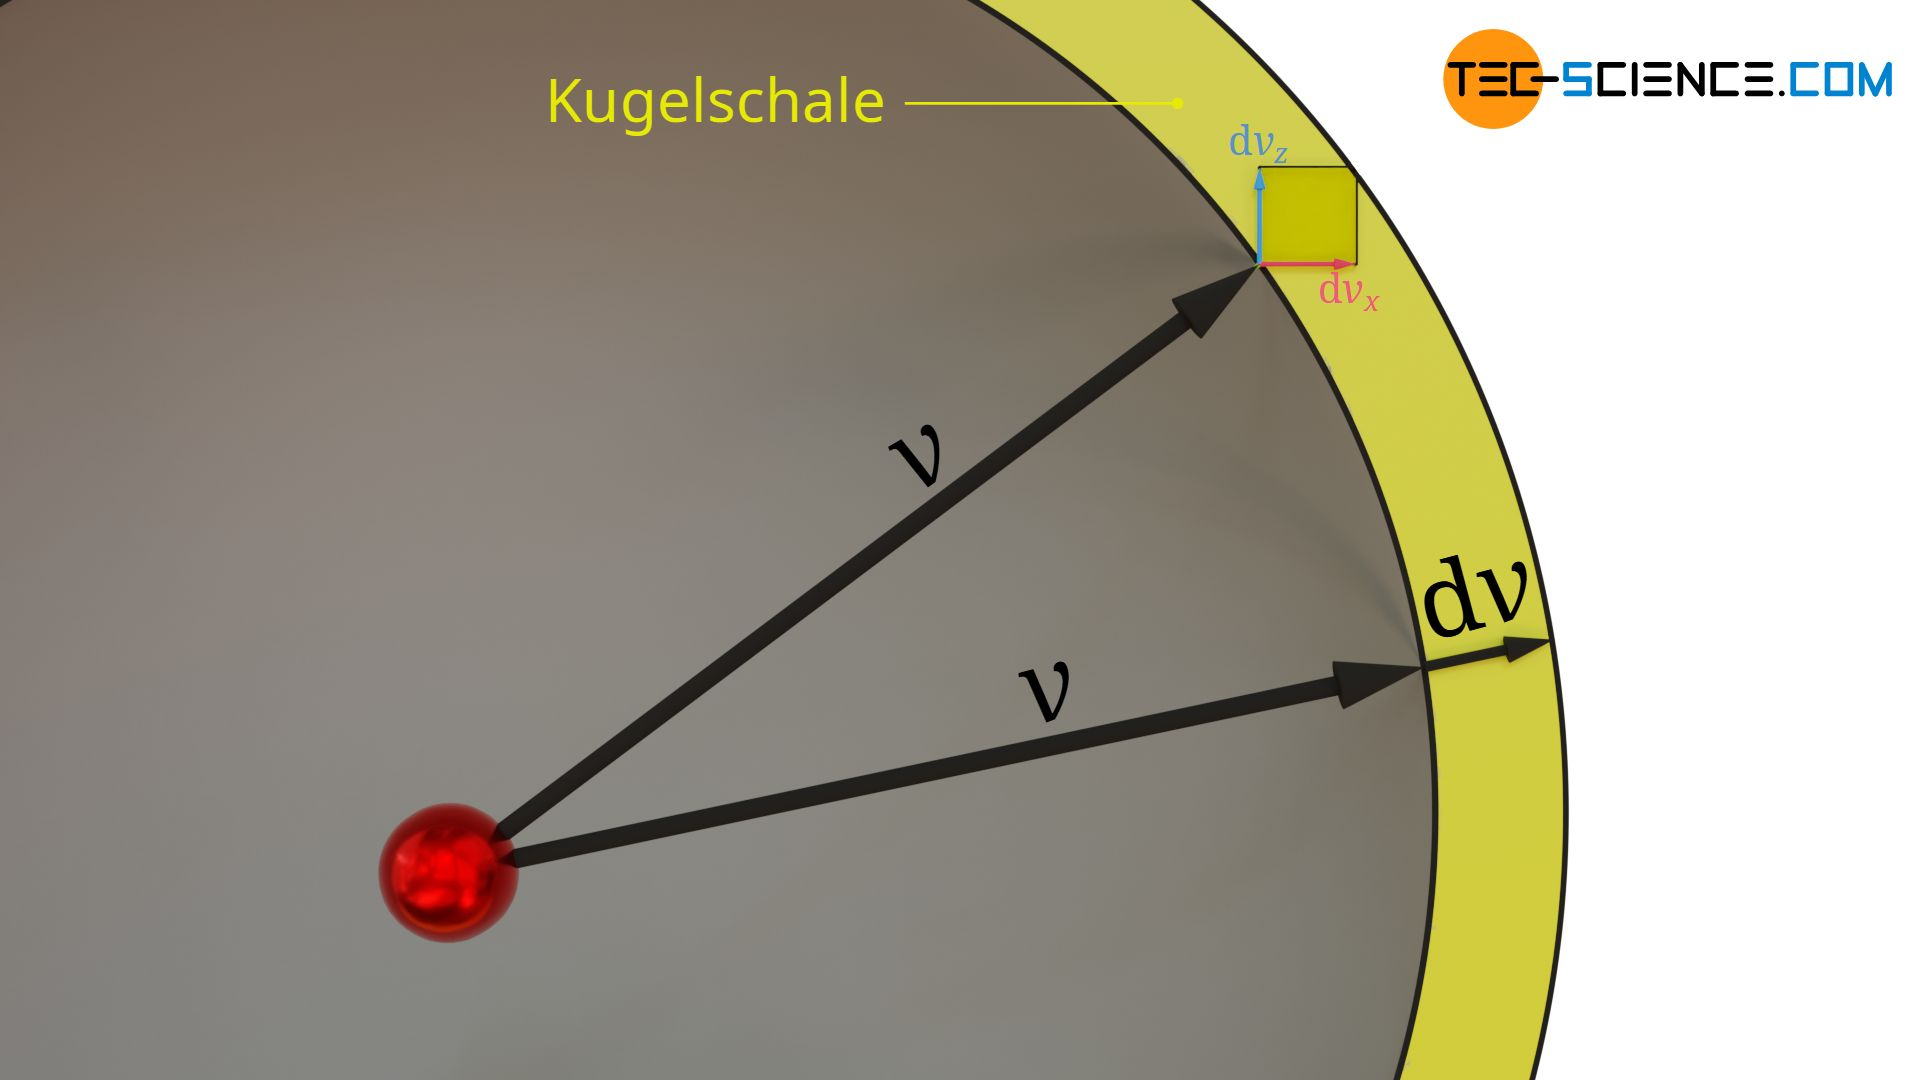 Volumen der Kugelschale im Geschwindigkeitsraum